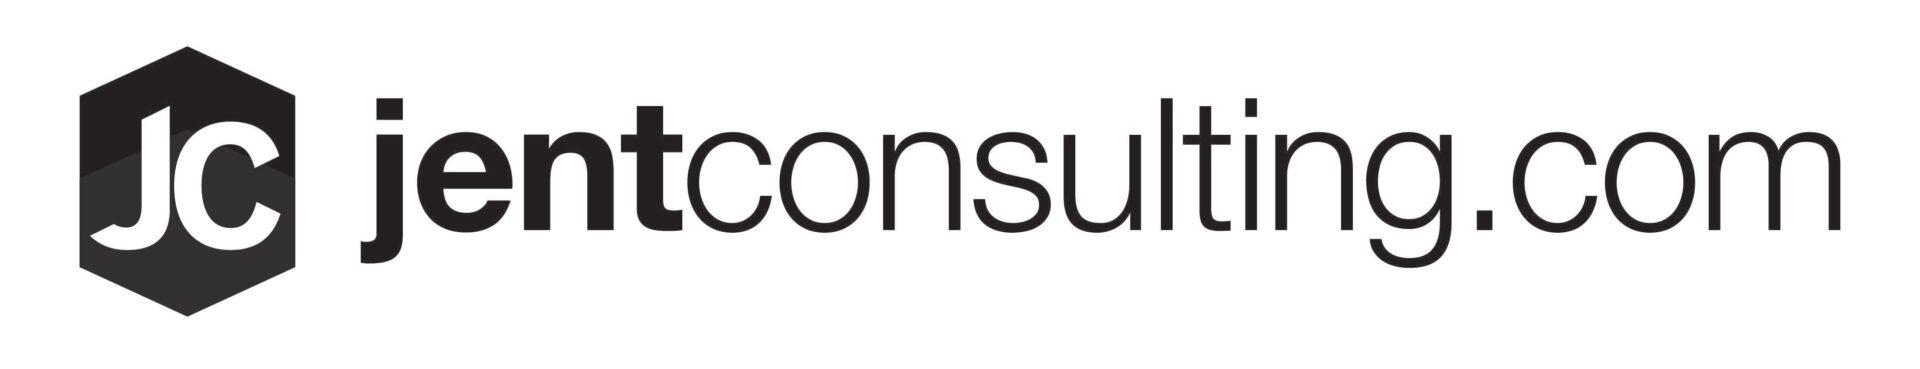 JentConsulting-Logo-2020_Lockup